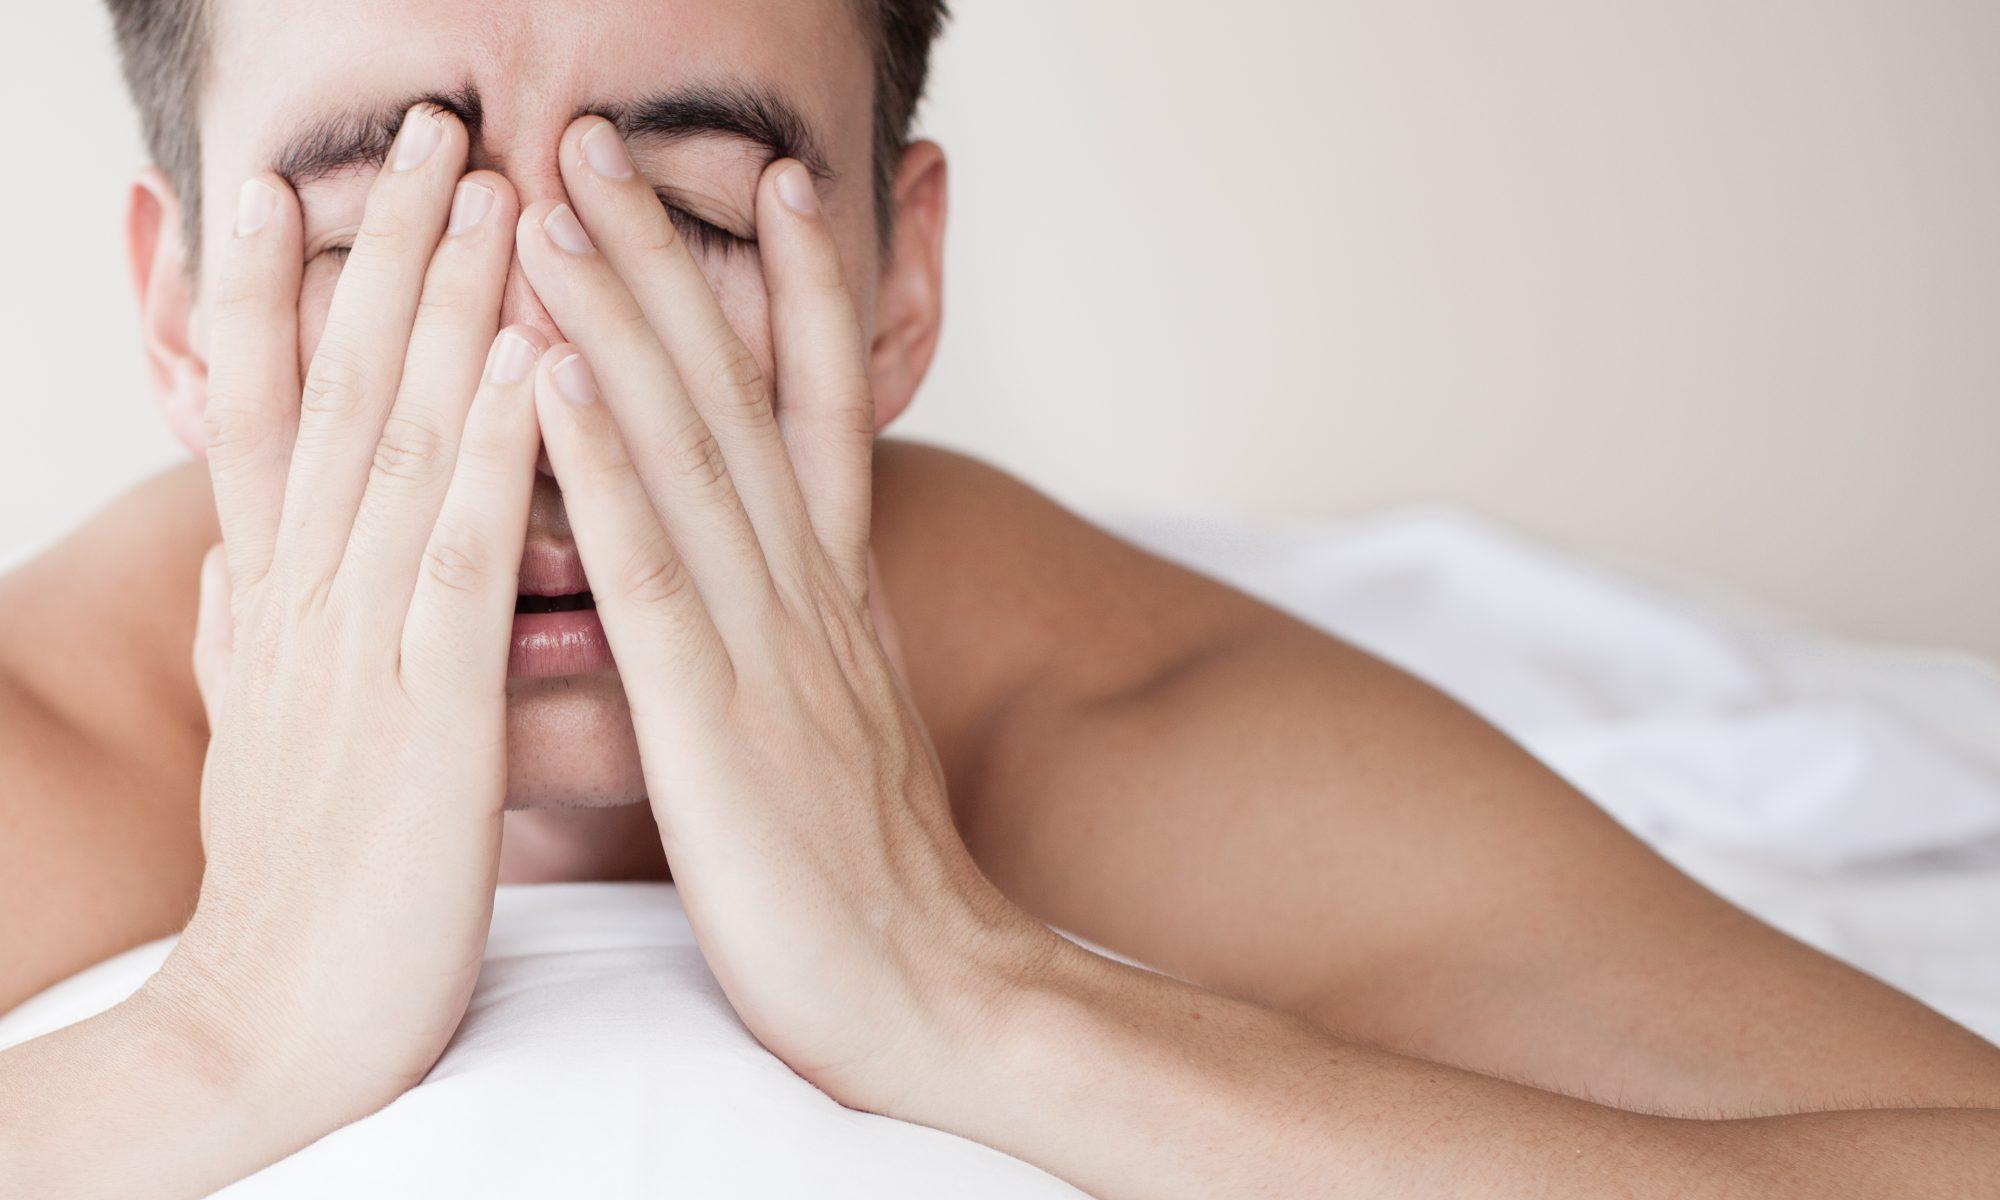 Ung mand vågner op i sengen træt på grund af søvnmangel